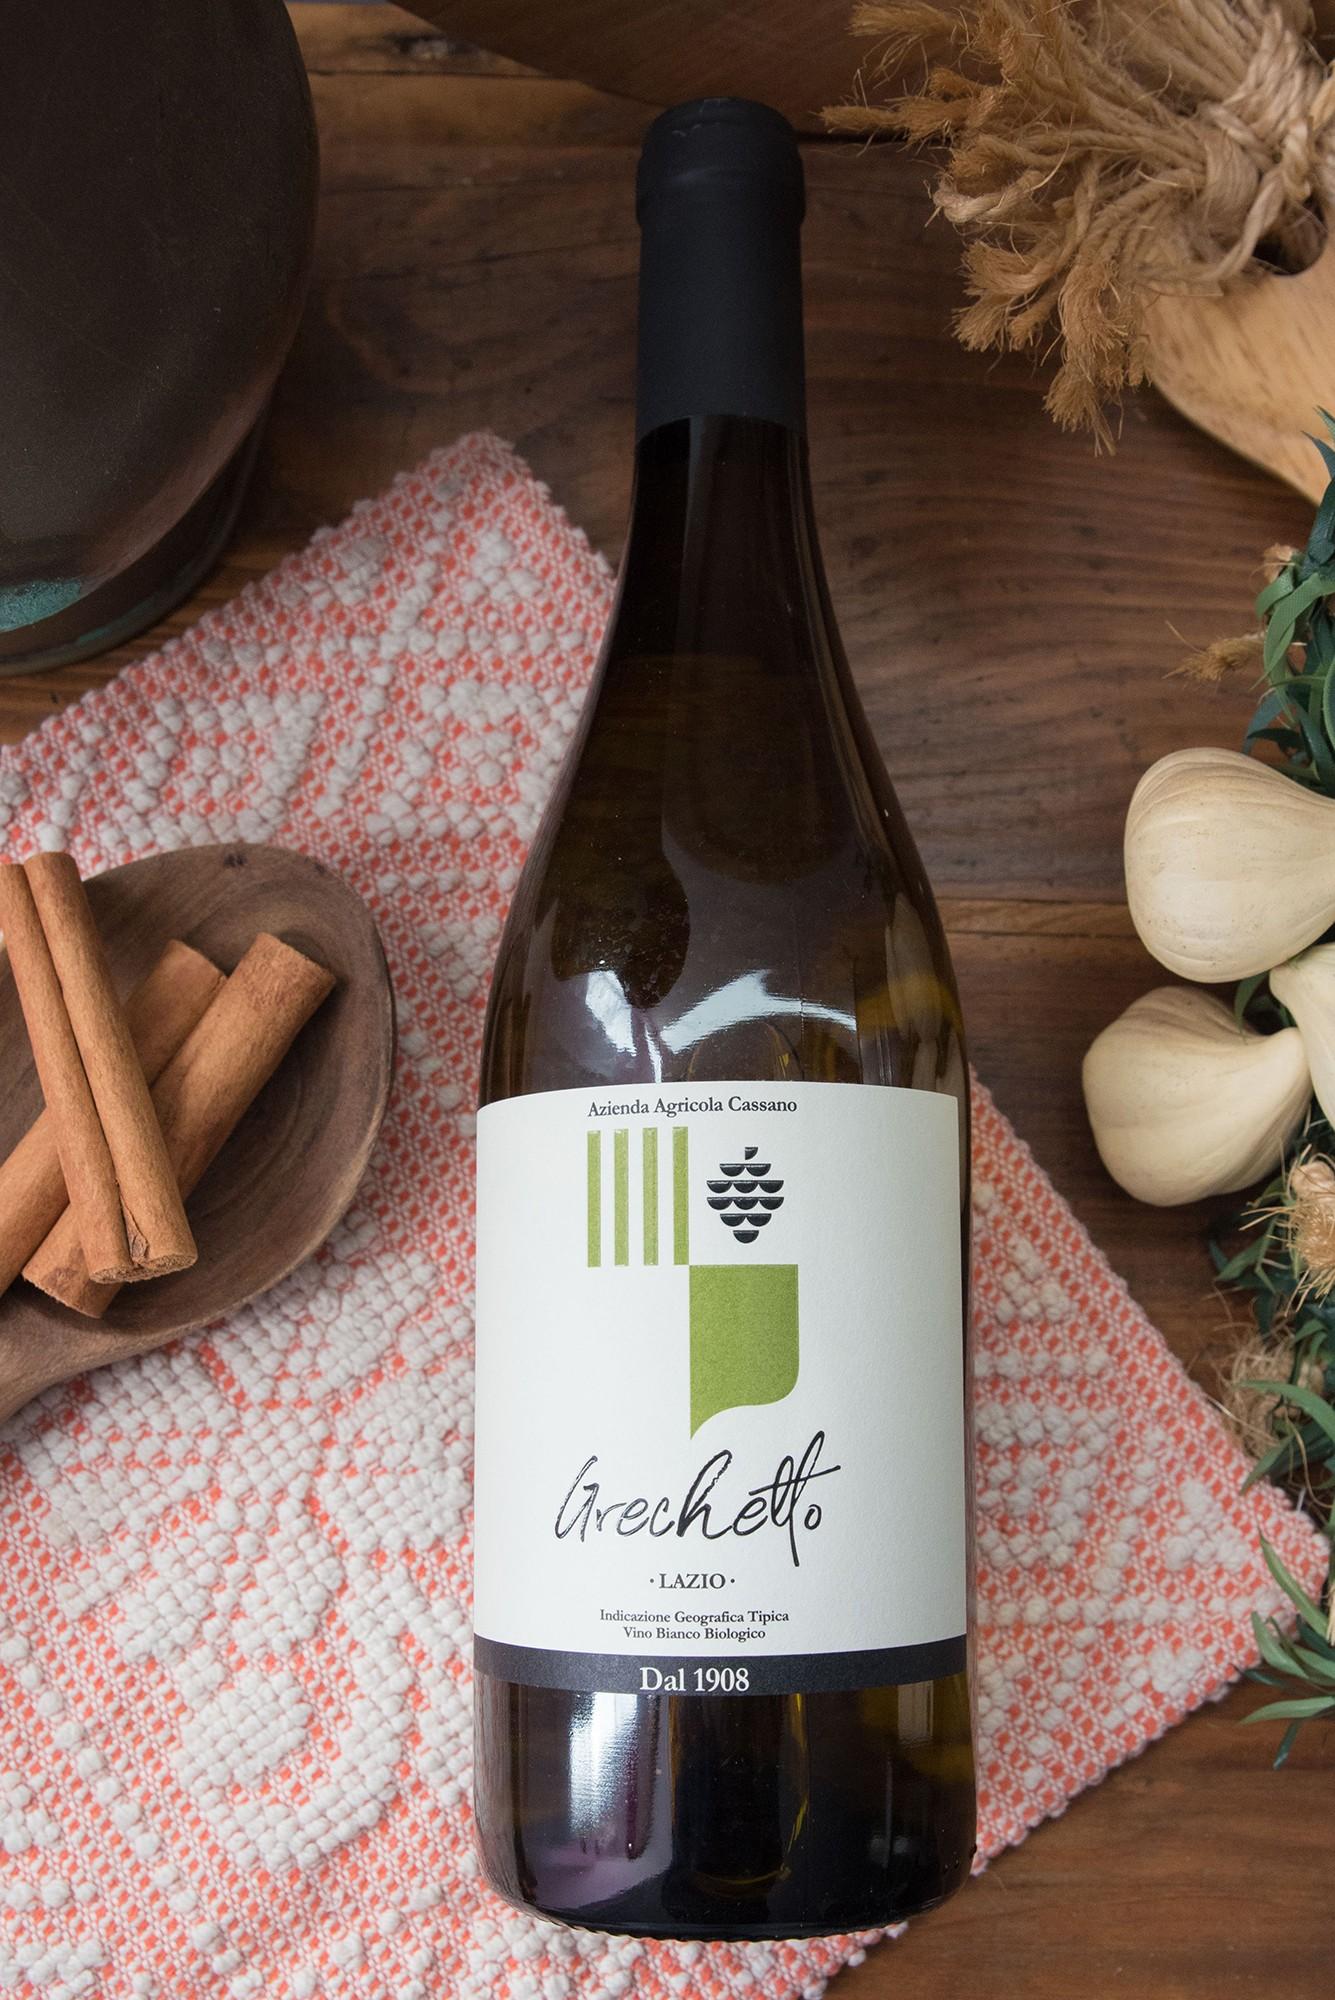 Grechetto Vino Bianco Biologico IGT Lazio- Azienda Agricola Cassano